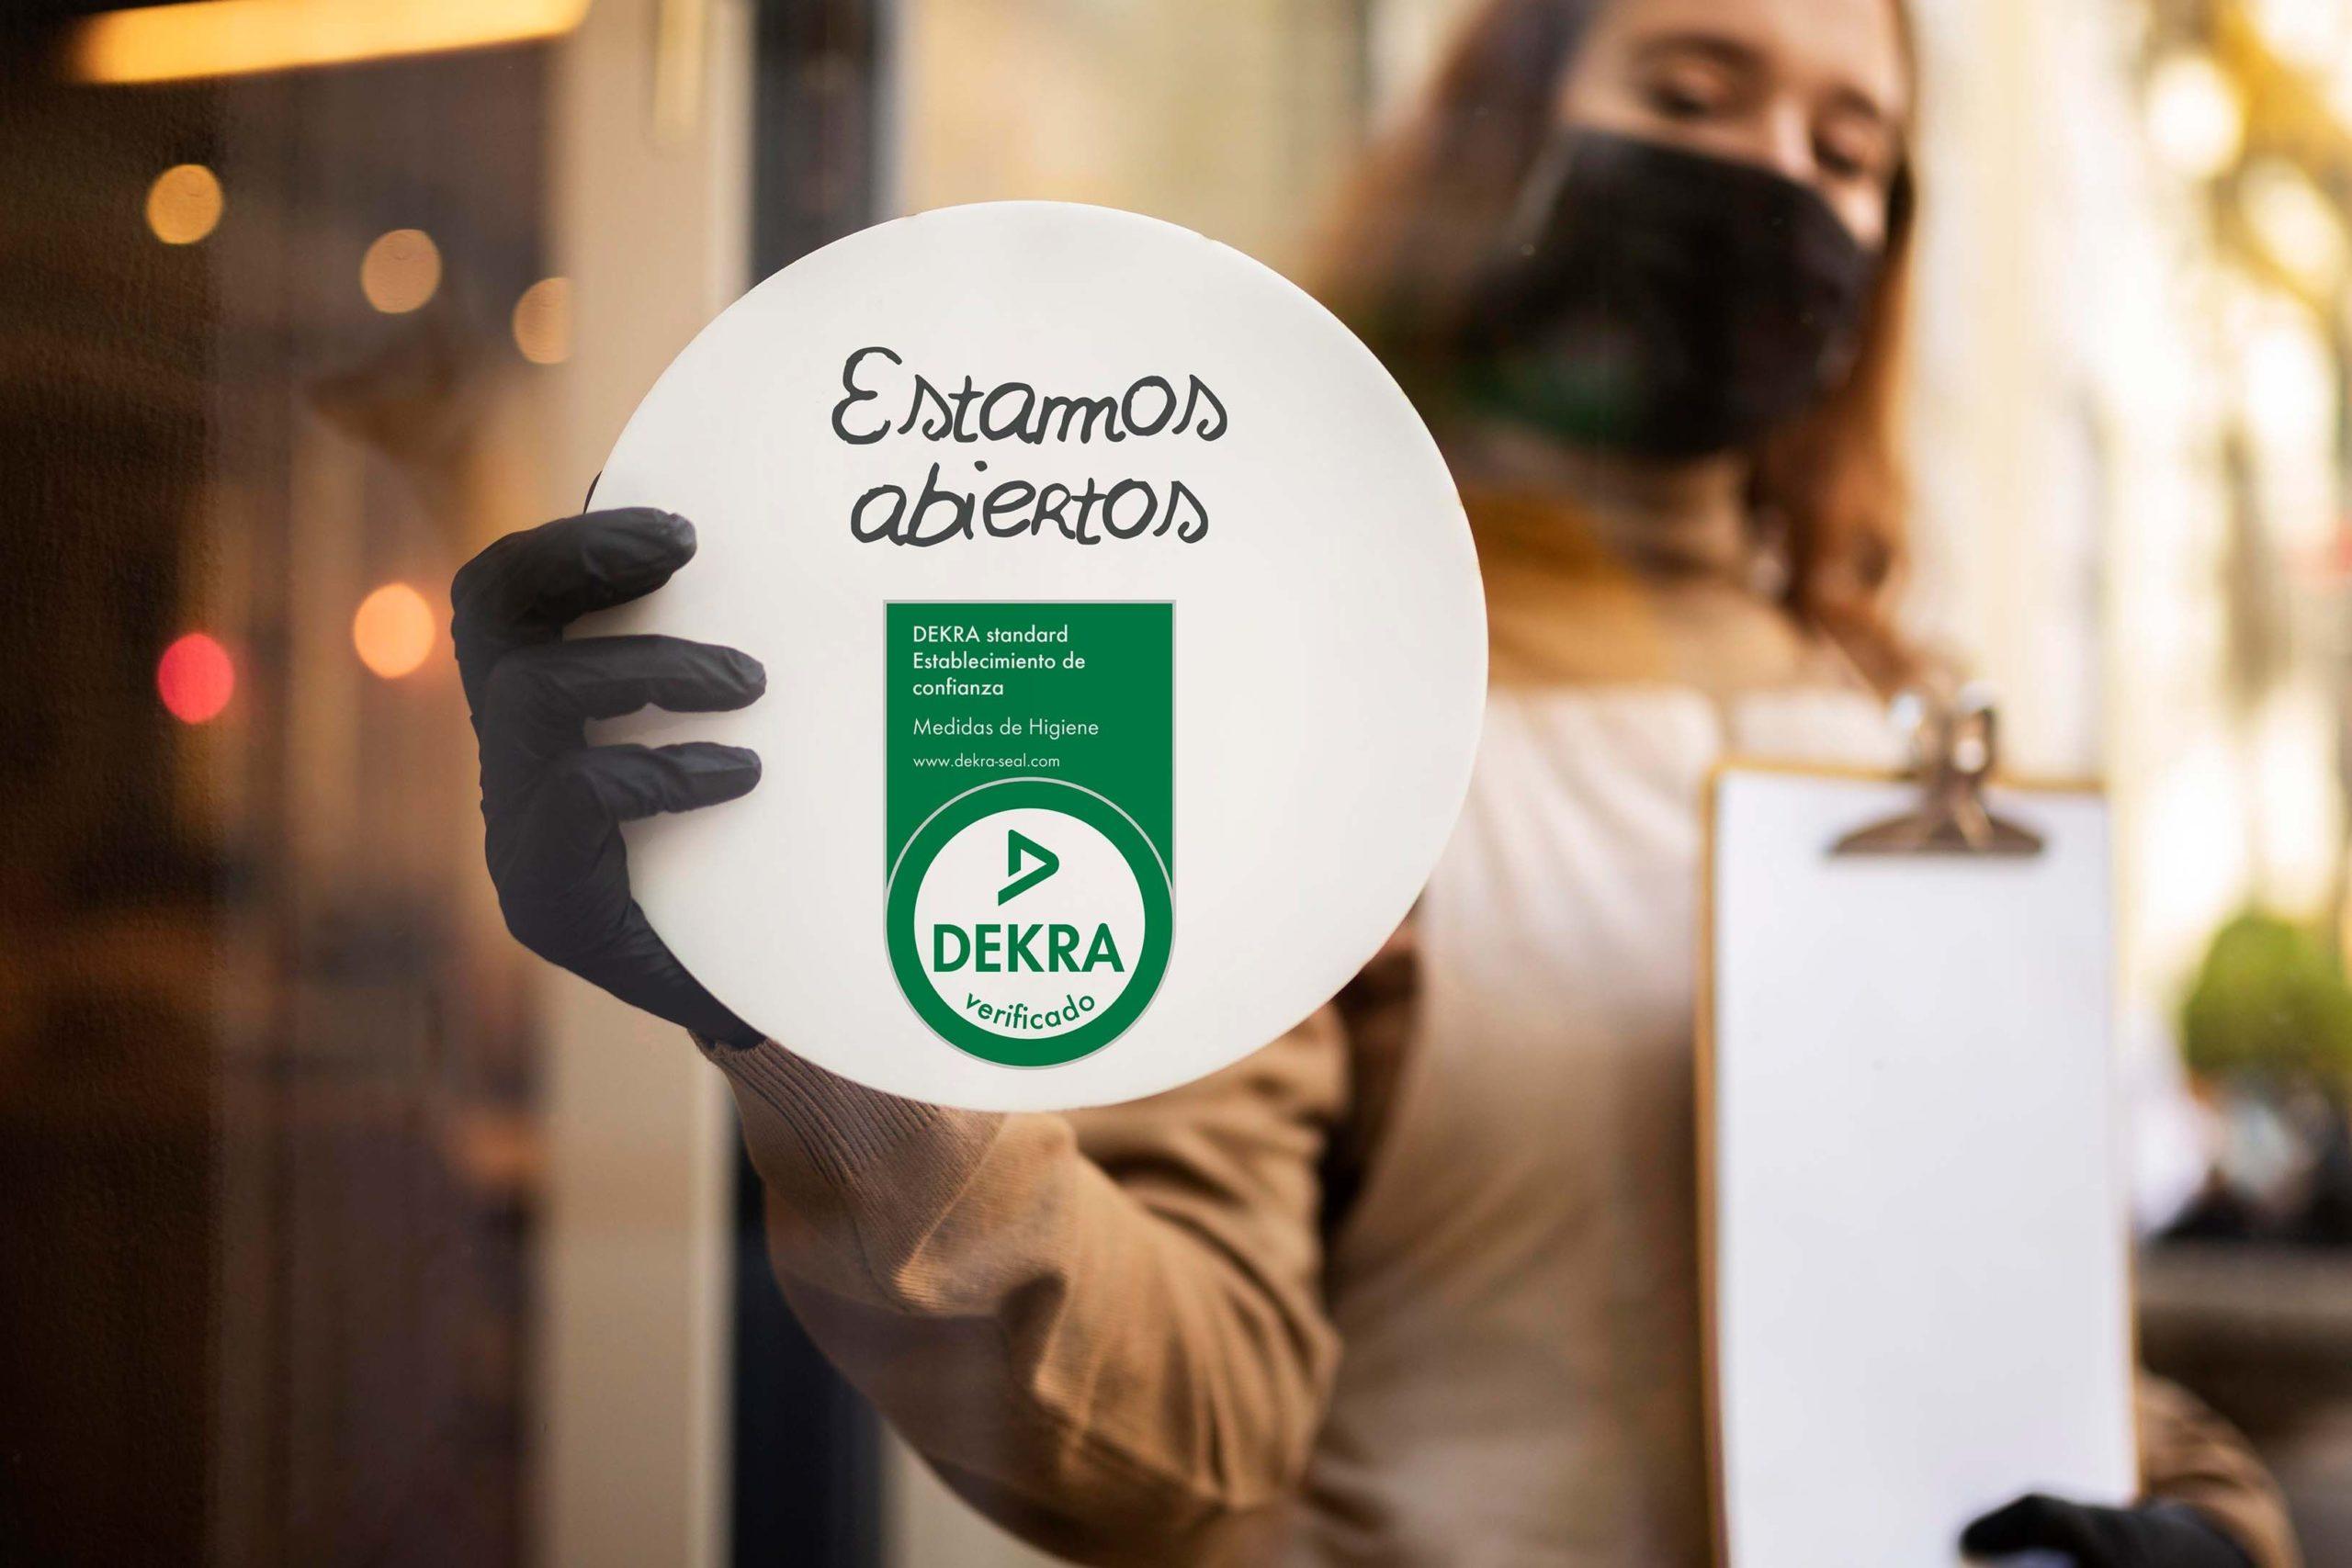 """DEKRA lanza su standard """"establecimiento de confianza"""" para ayudar a los negocios a estar preparados frente al COVID-19"""